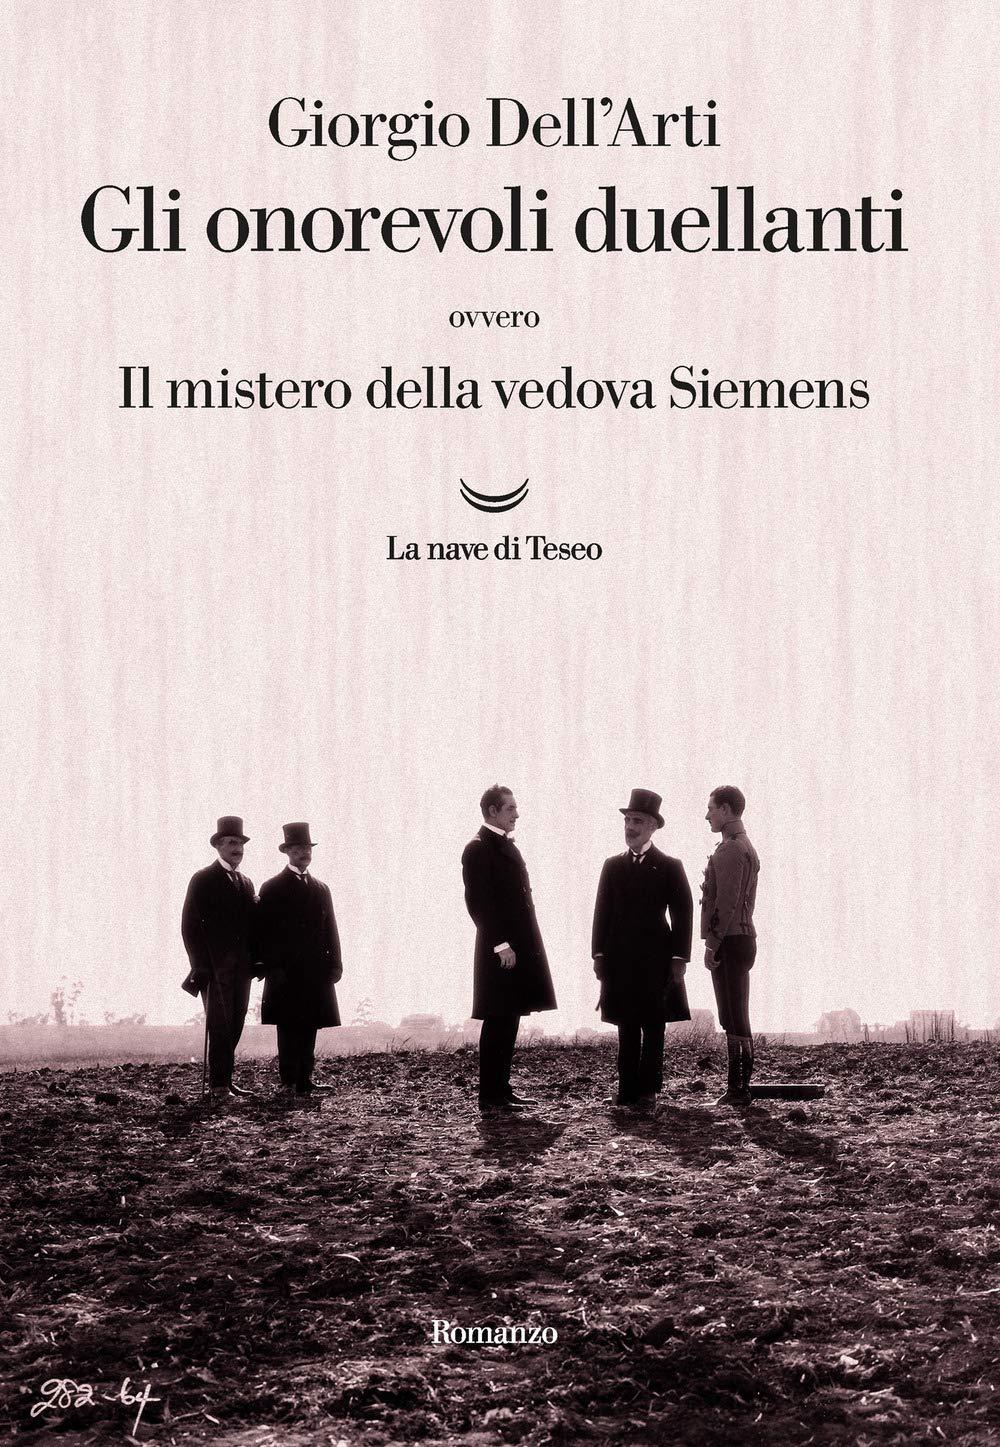 Amazon.it: Gli onorevoli duellanti. Il mistero della vedova Siemens -  Dell'Arti, Giorgio - Libri